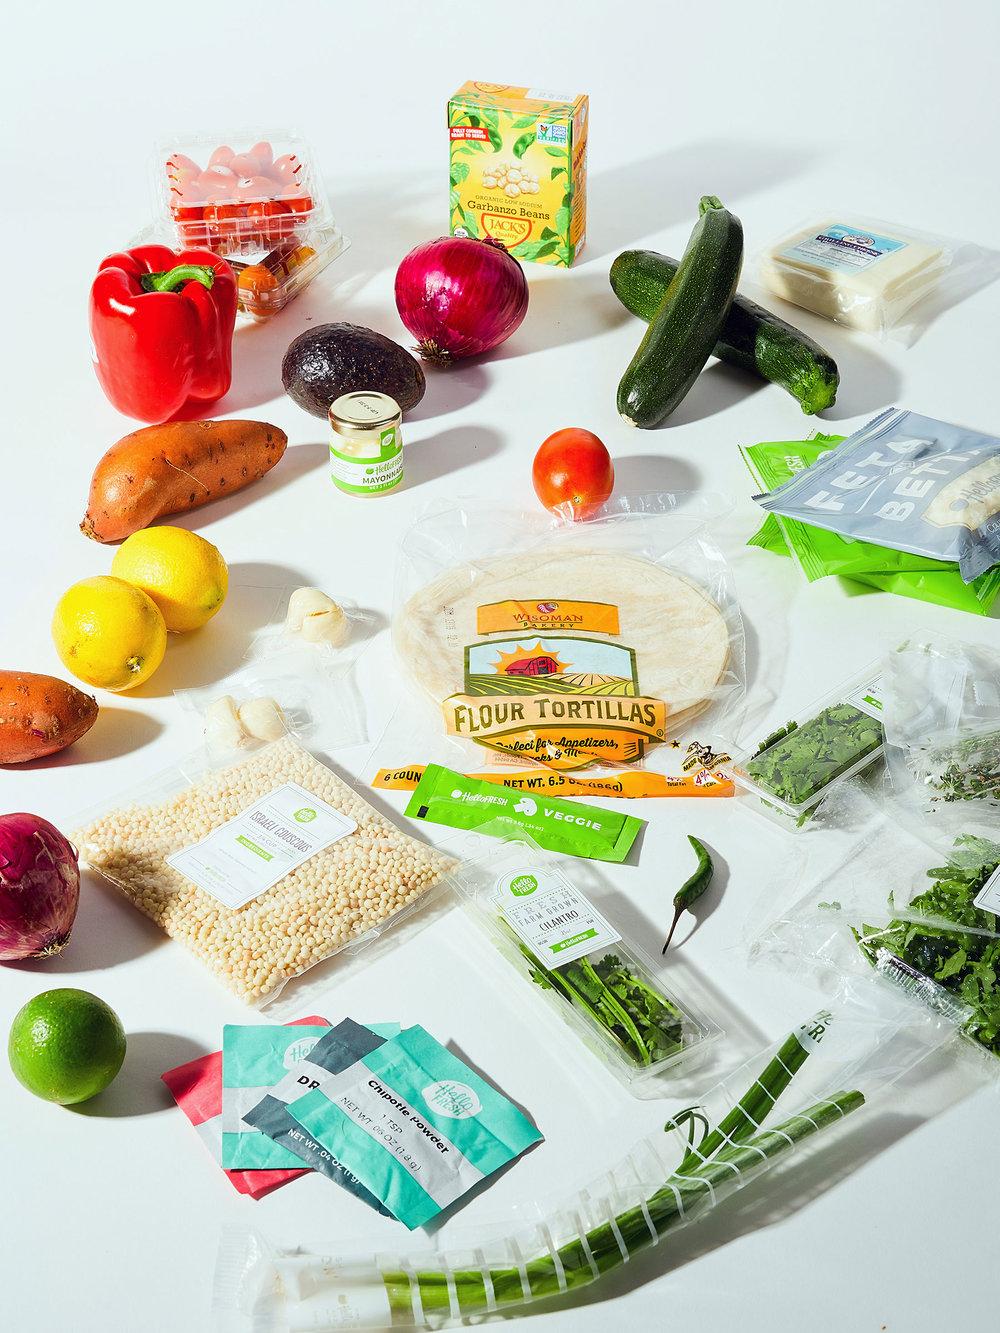 Meal_Kits-The_Dieline4545.jpg